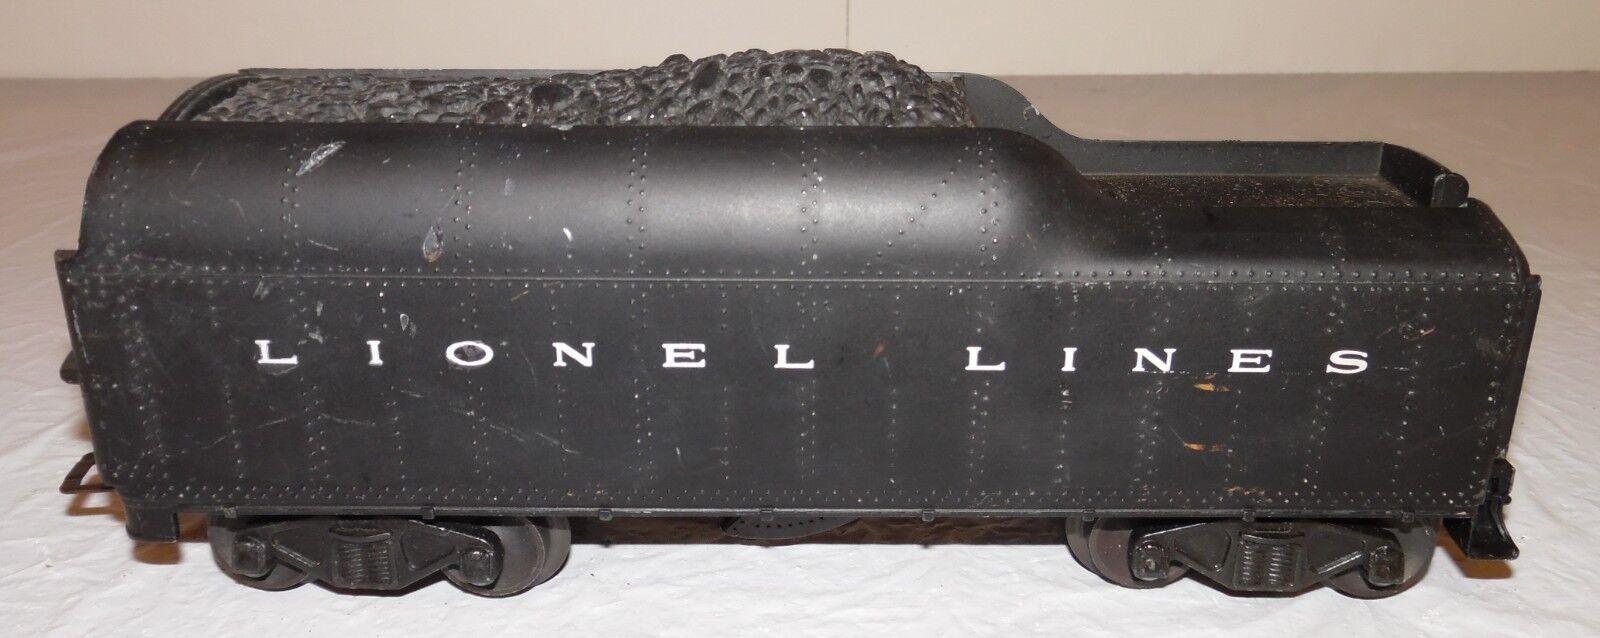 Lionel 2046w nachkriegszeit lionel linien pfeifen ausschreibung o g